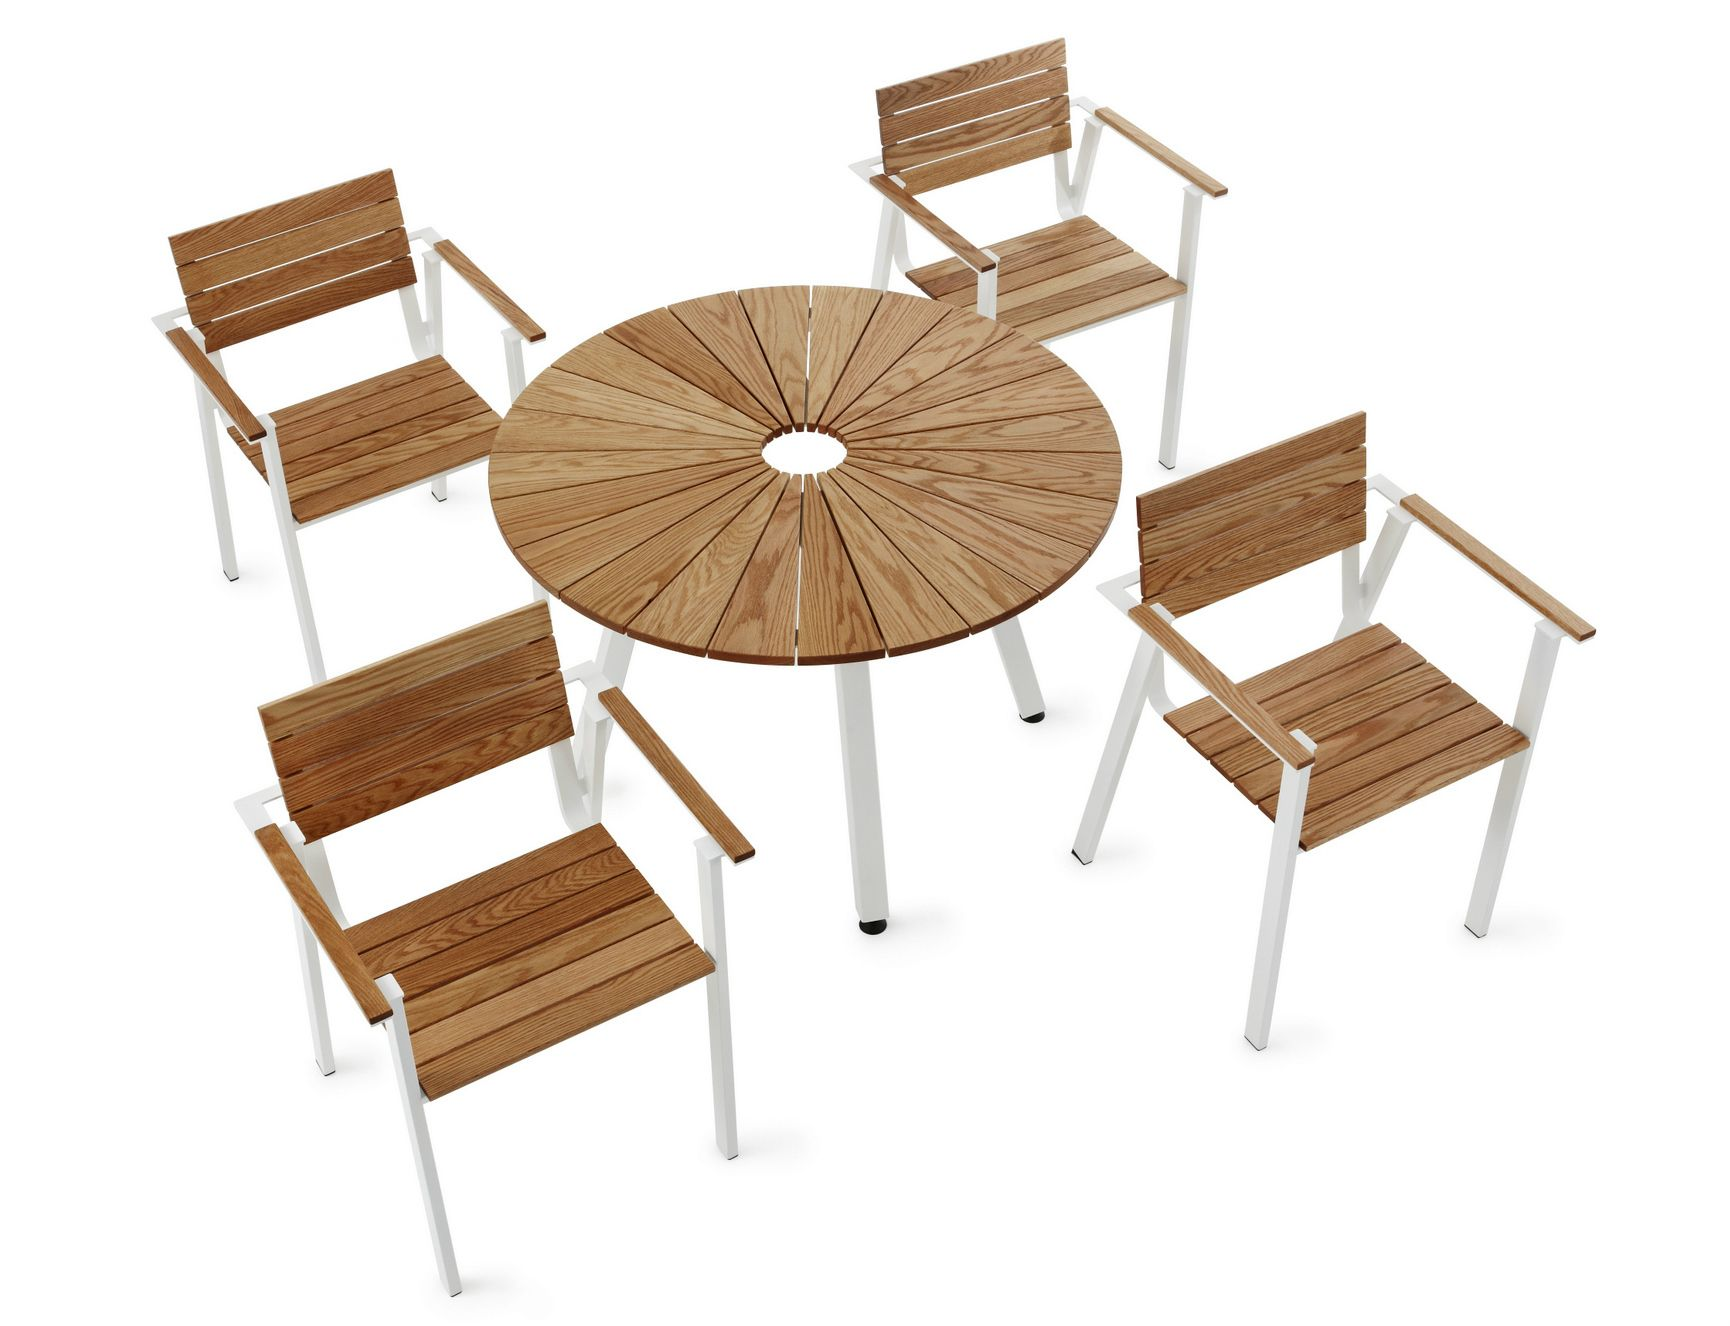 Table de jardin ronde avec trou central Sunset by Nola | Le blog ...